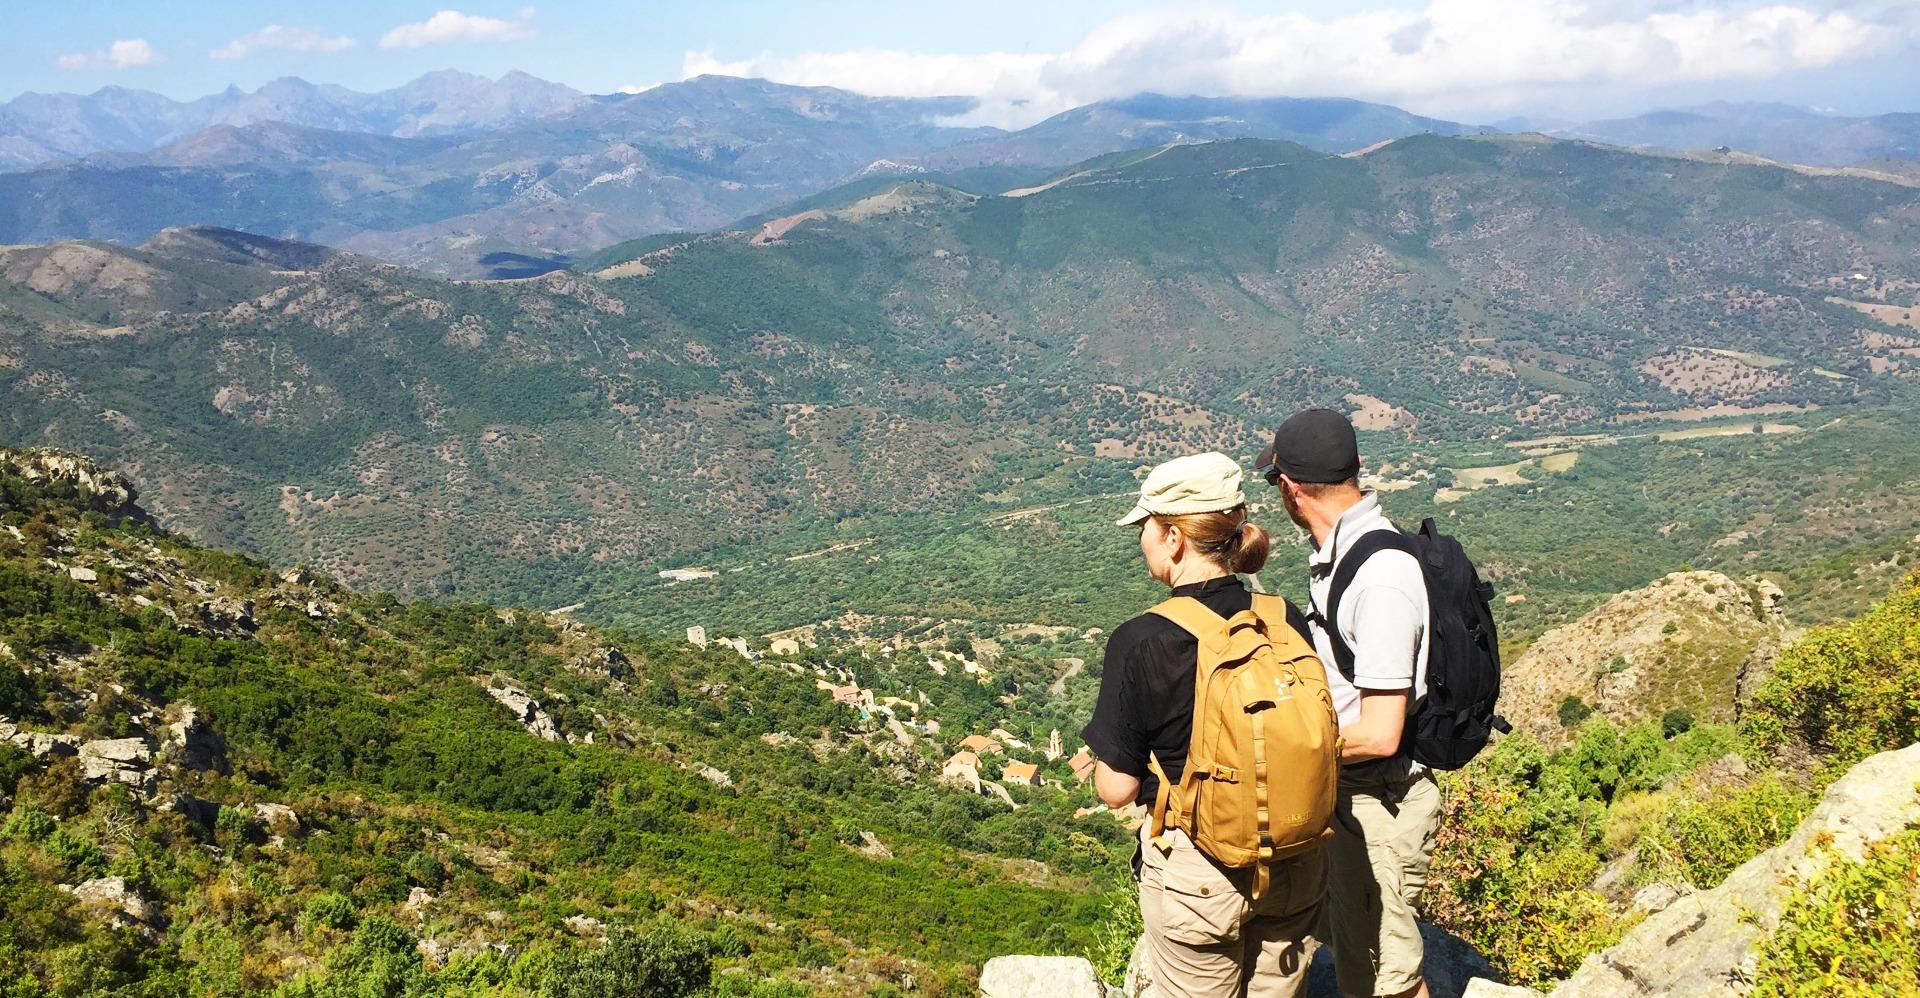 Bjerge Korsika, natur